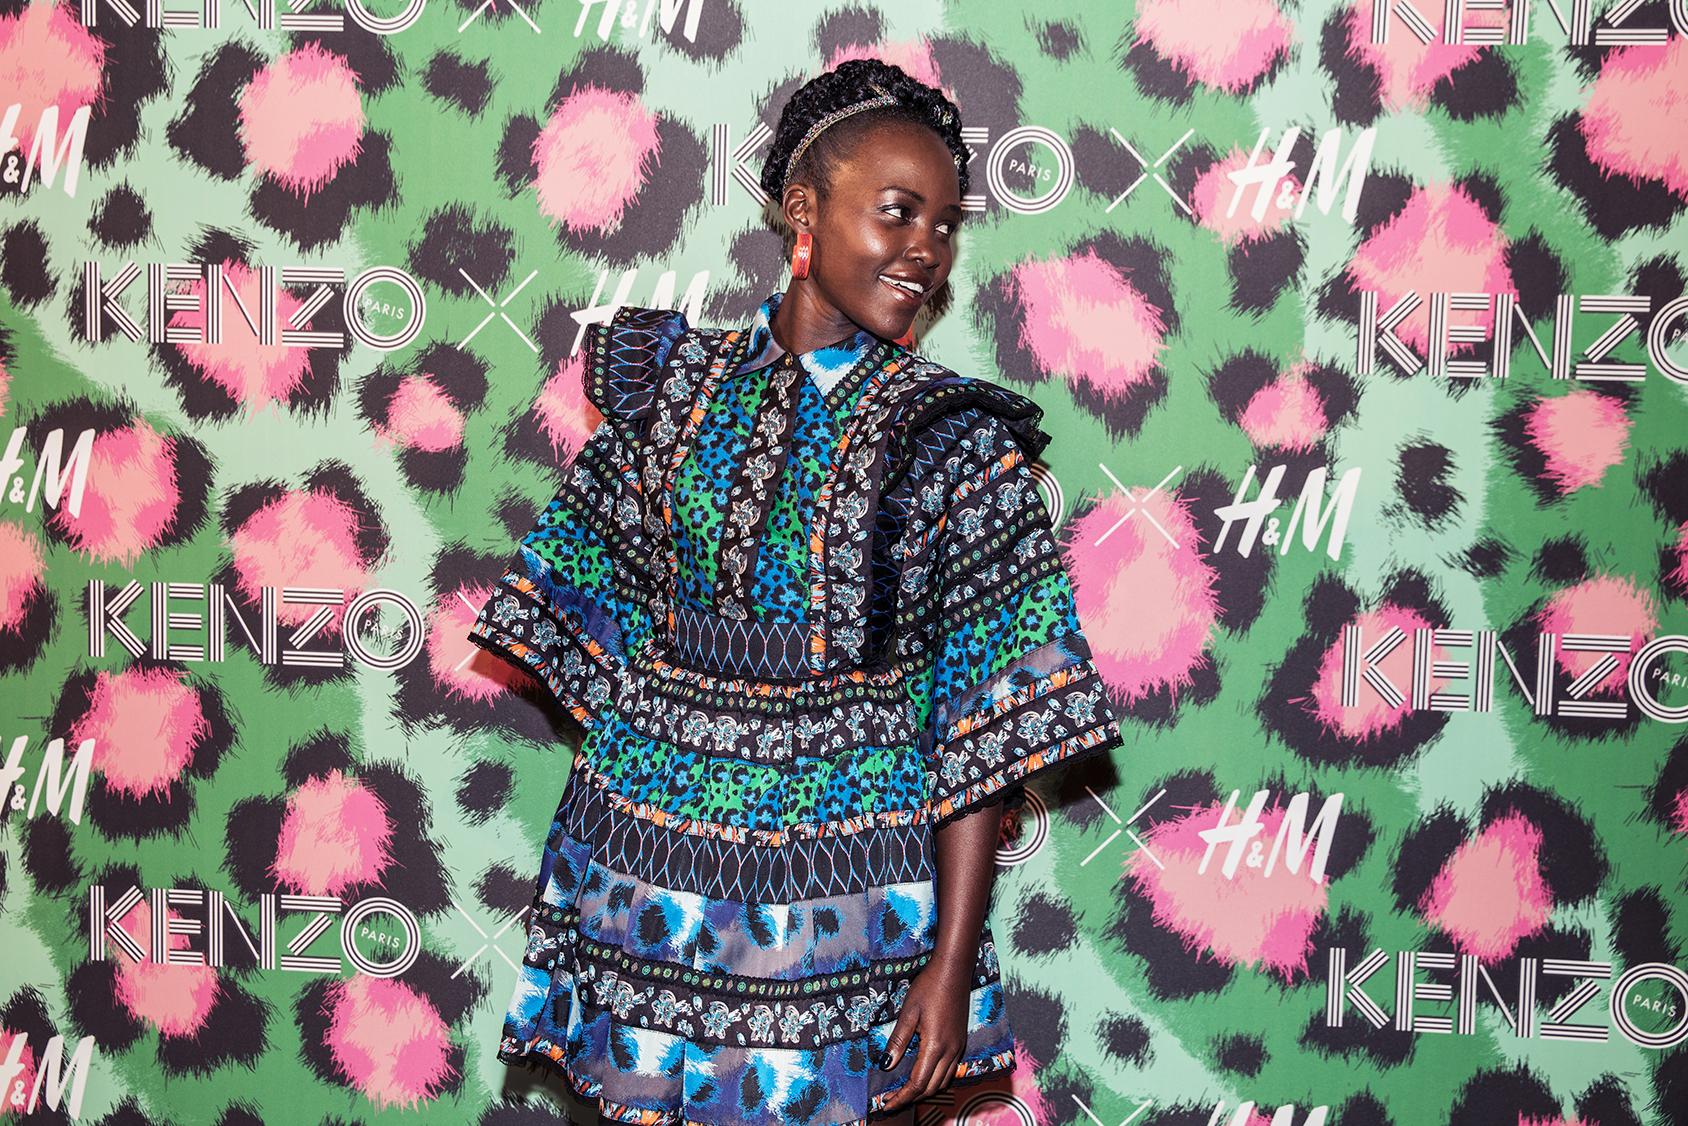 L'actrice en vogue Lupita Nyong'o arborait l'une des robes exclusives de la collection Kenzo x H&M.